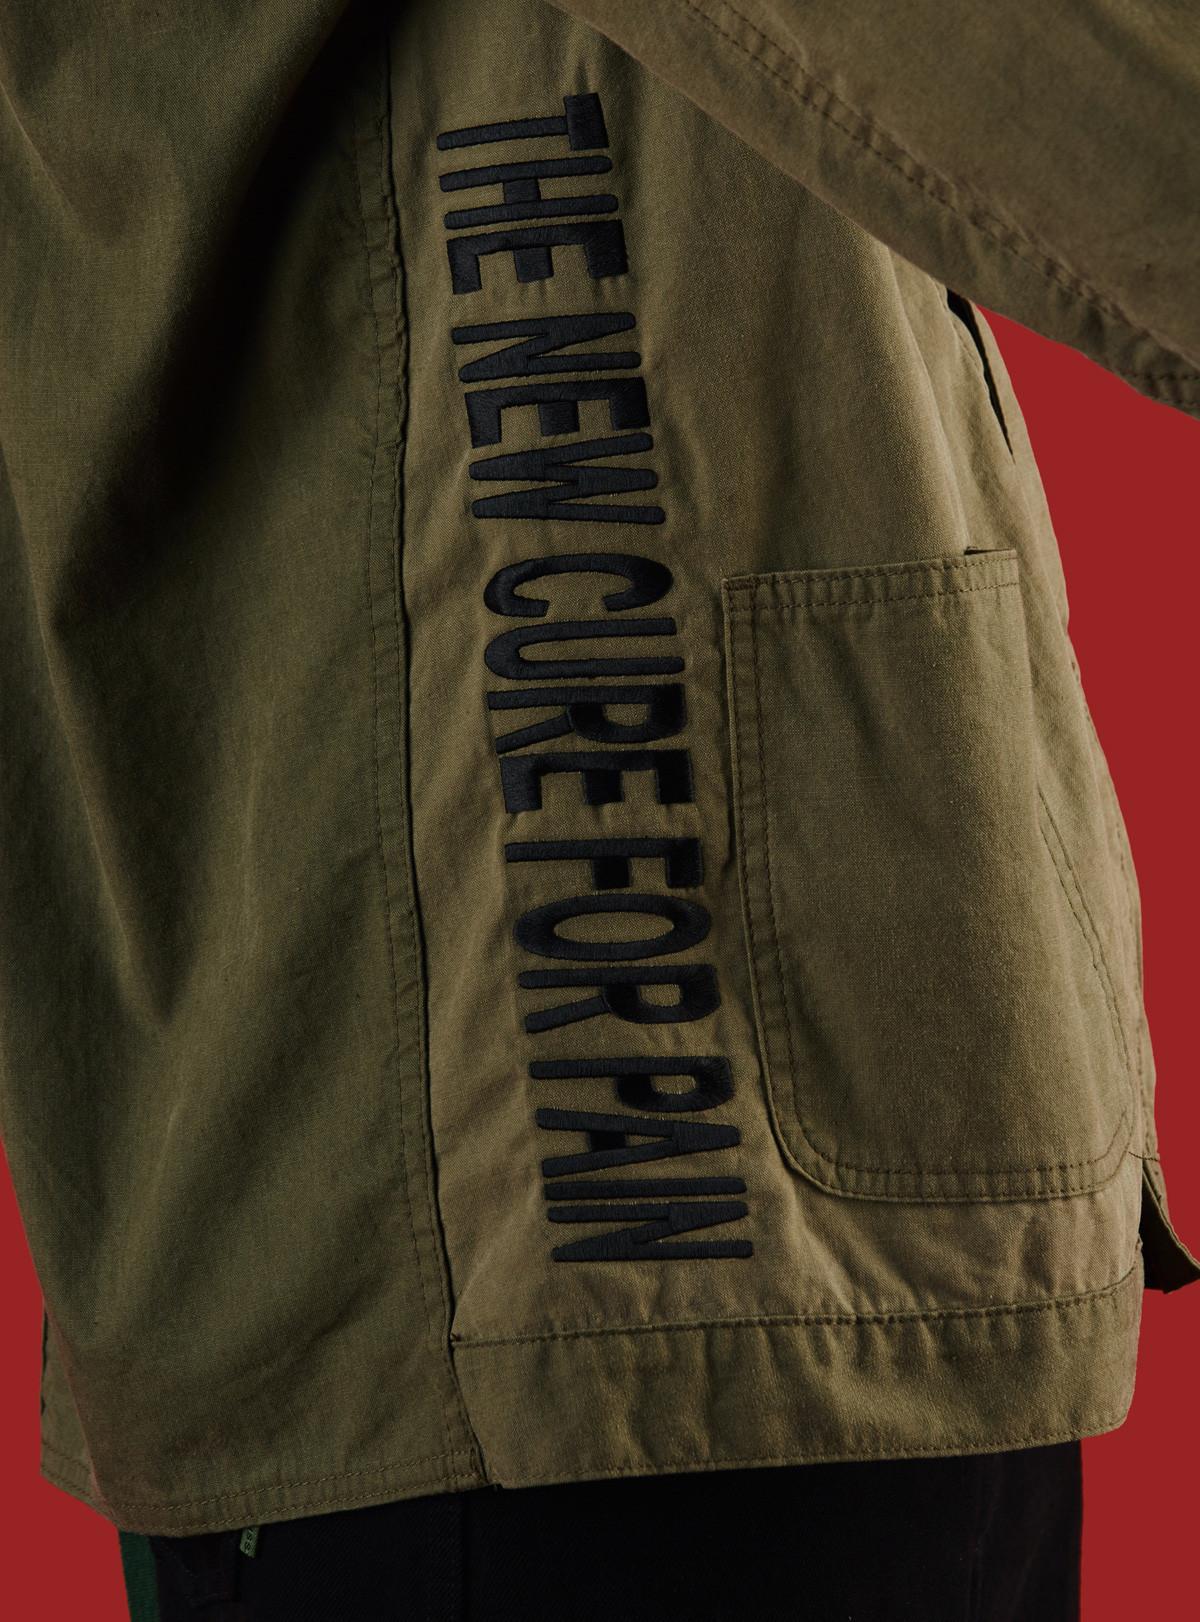 unif_army_prison_jacket_3